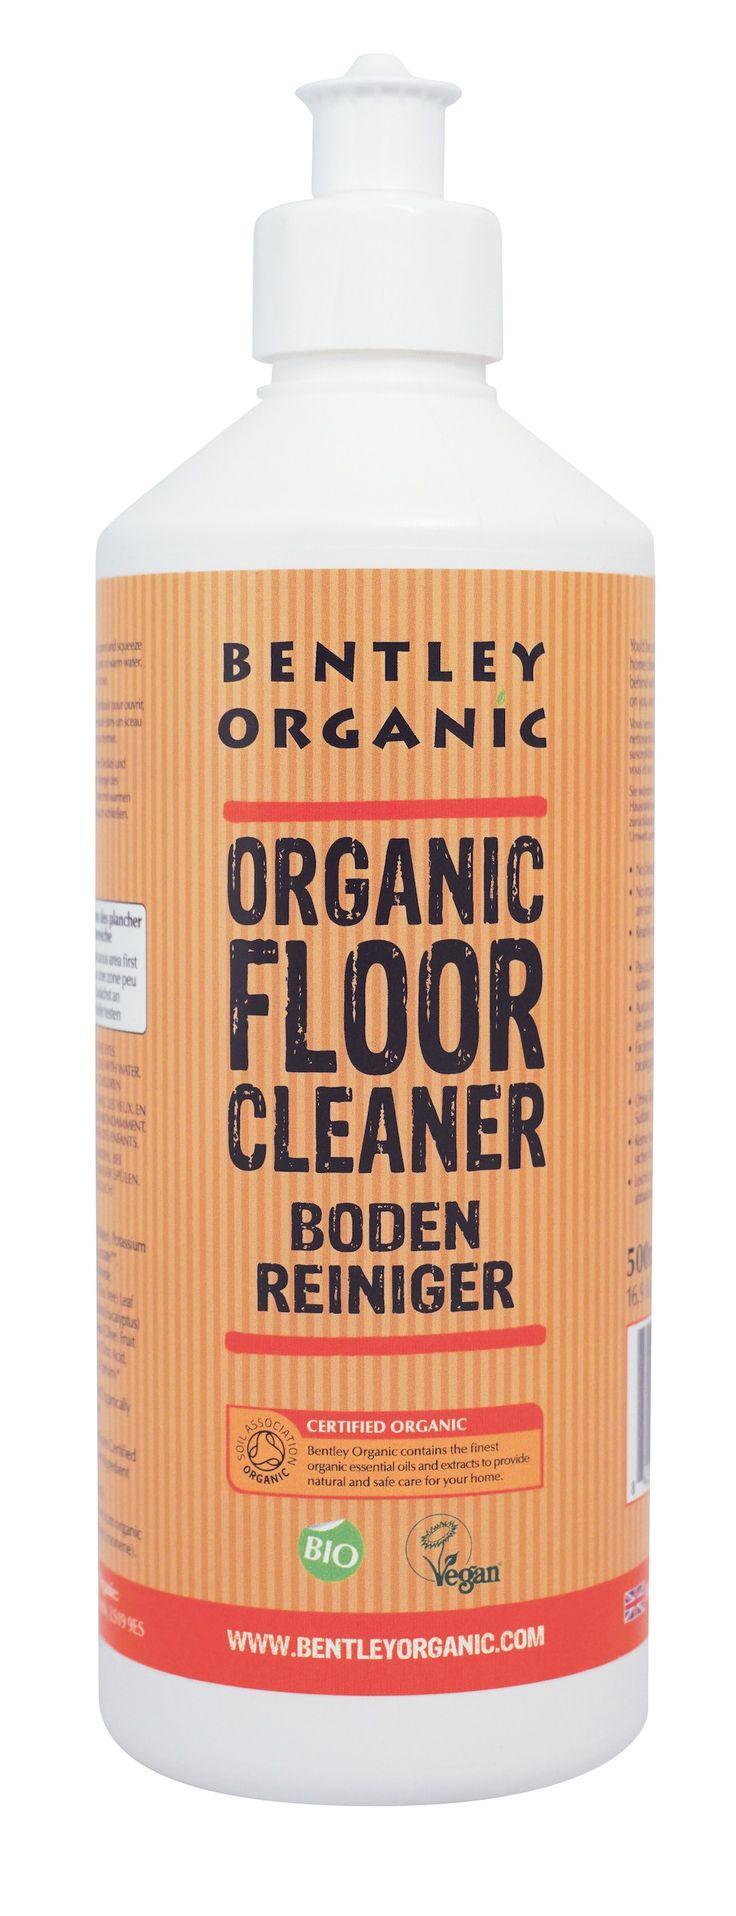 Økologisk vaskemiddel for gulvvask som også kan brukes på kjøkkenet og badet, på keramikkfliser, på laminat og på tregulv. Strippet for skadelige kjemikalier, trygg for planeten, trygg for dyr og trygg for barna. Har en frisk og mild duft av eukalyptus og sitrus.